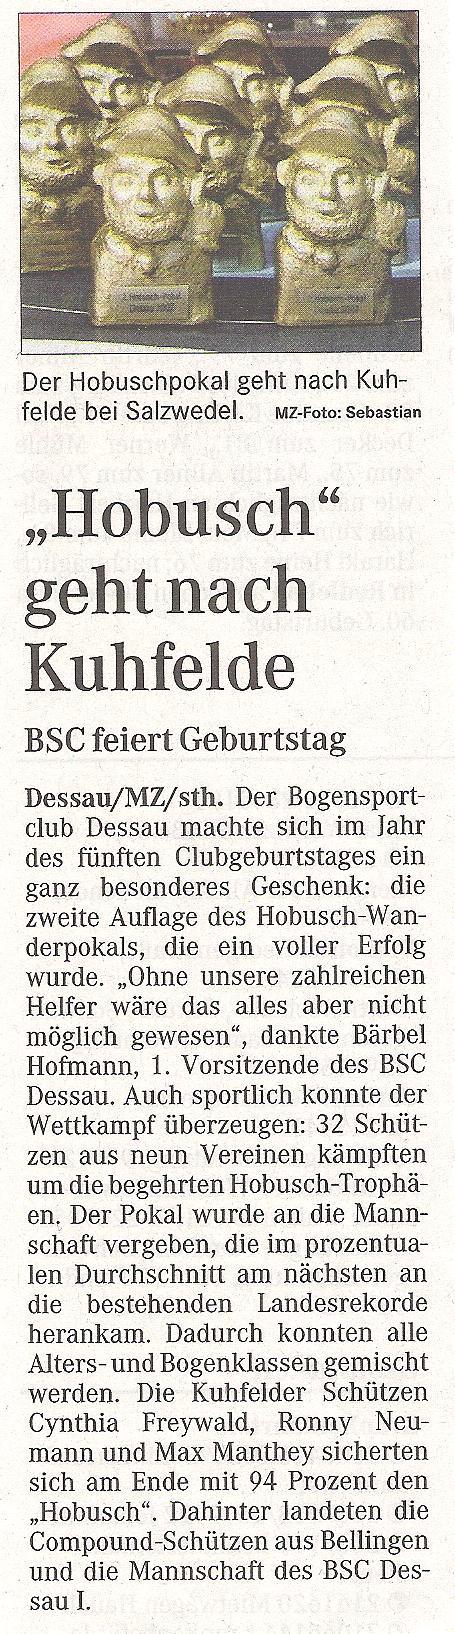 2. Hobusch-Wanderpokal – Mitteldeutsche Zeitung vom 28.05.2007